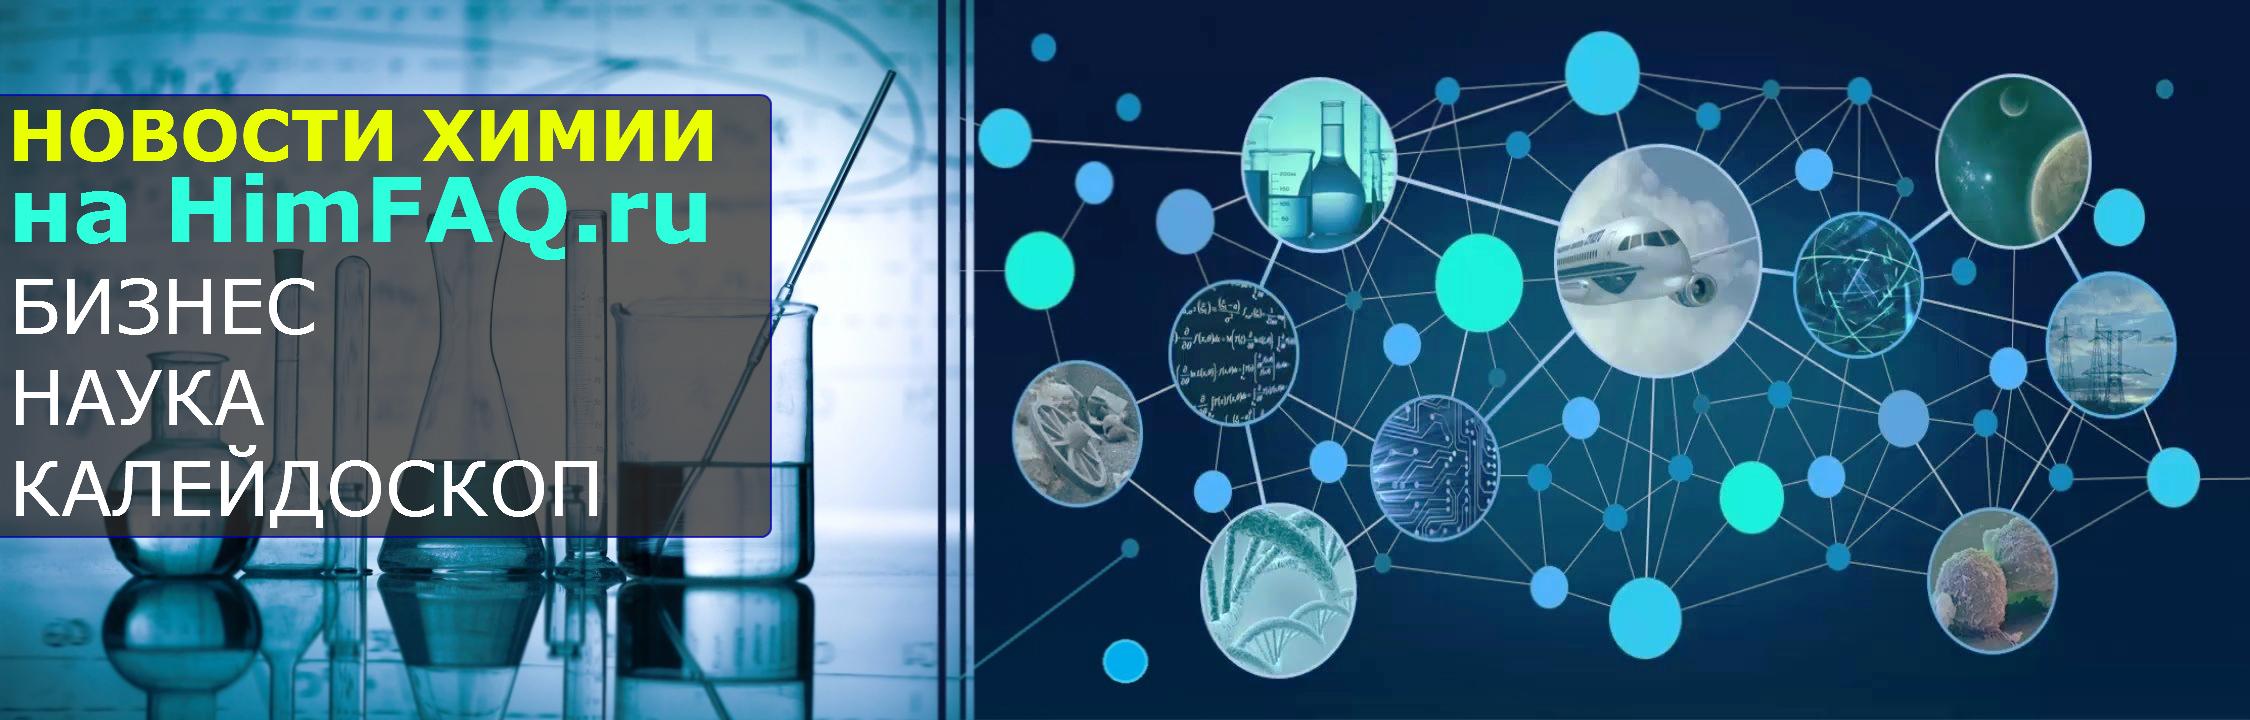 Представляем вашему вниманию новости химии на портале HimFAQ.ru (химфак ру). Новости бизнеса и экономики, науки и техники, а также интересные новости химии в калейдоскопе.